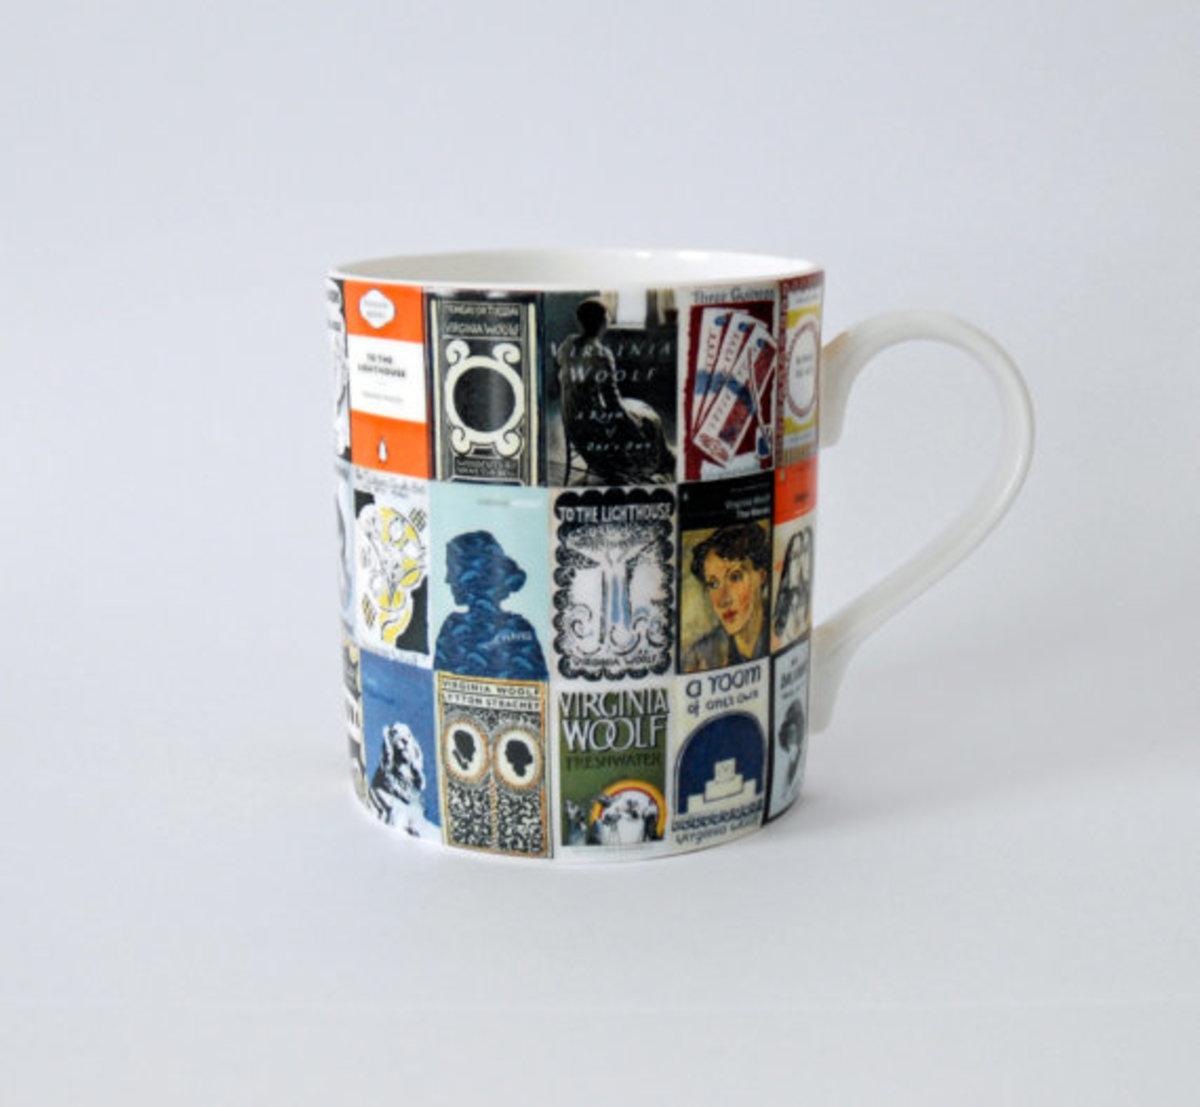 Book covers mug